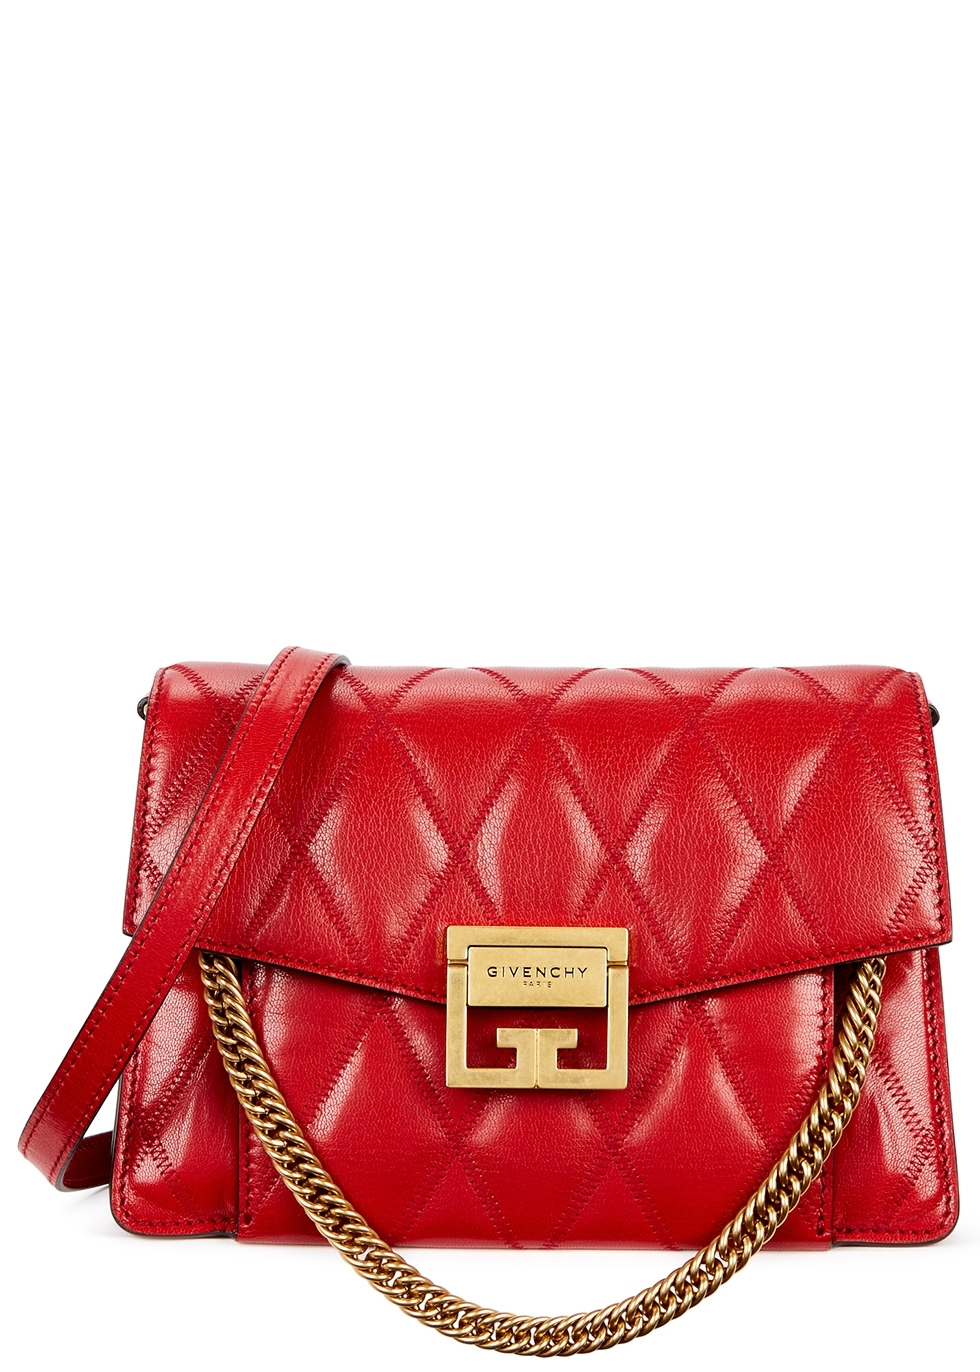 af3501fb6635 Women's Designer Bags, Handbags and Purses - Harvey Nichols